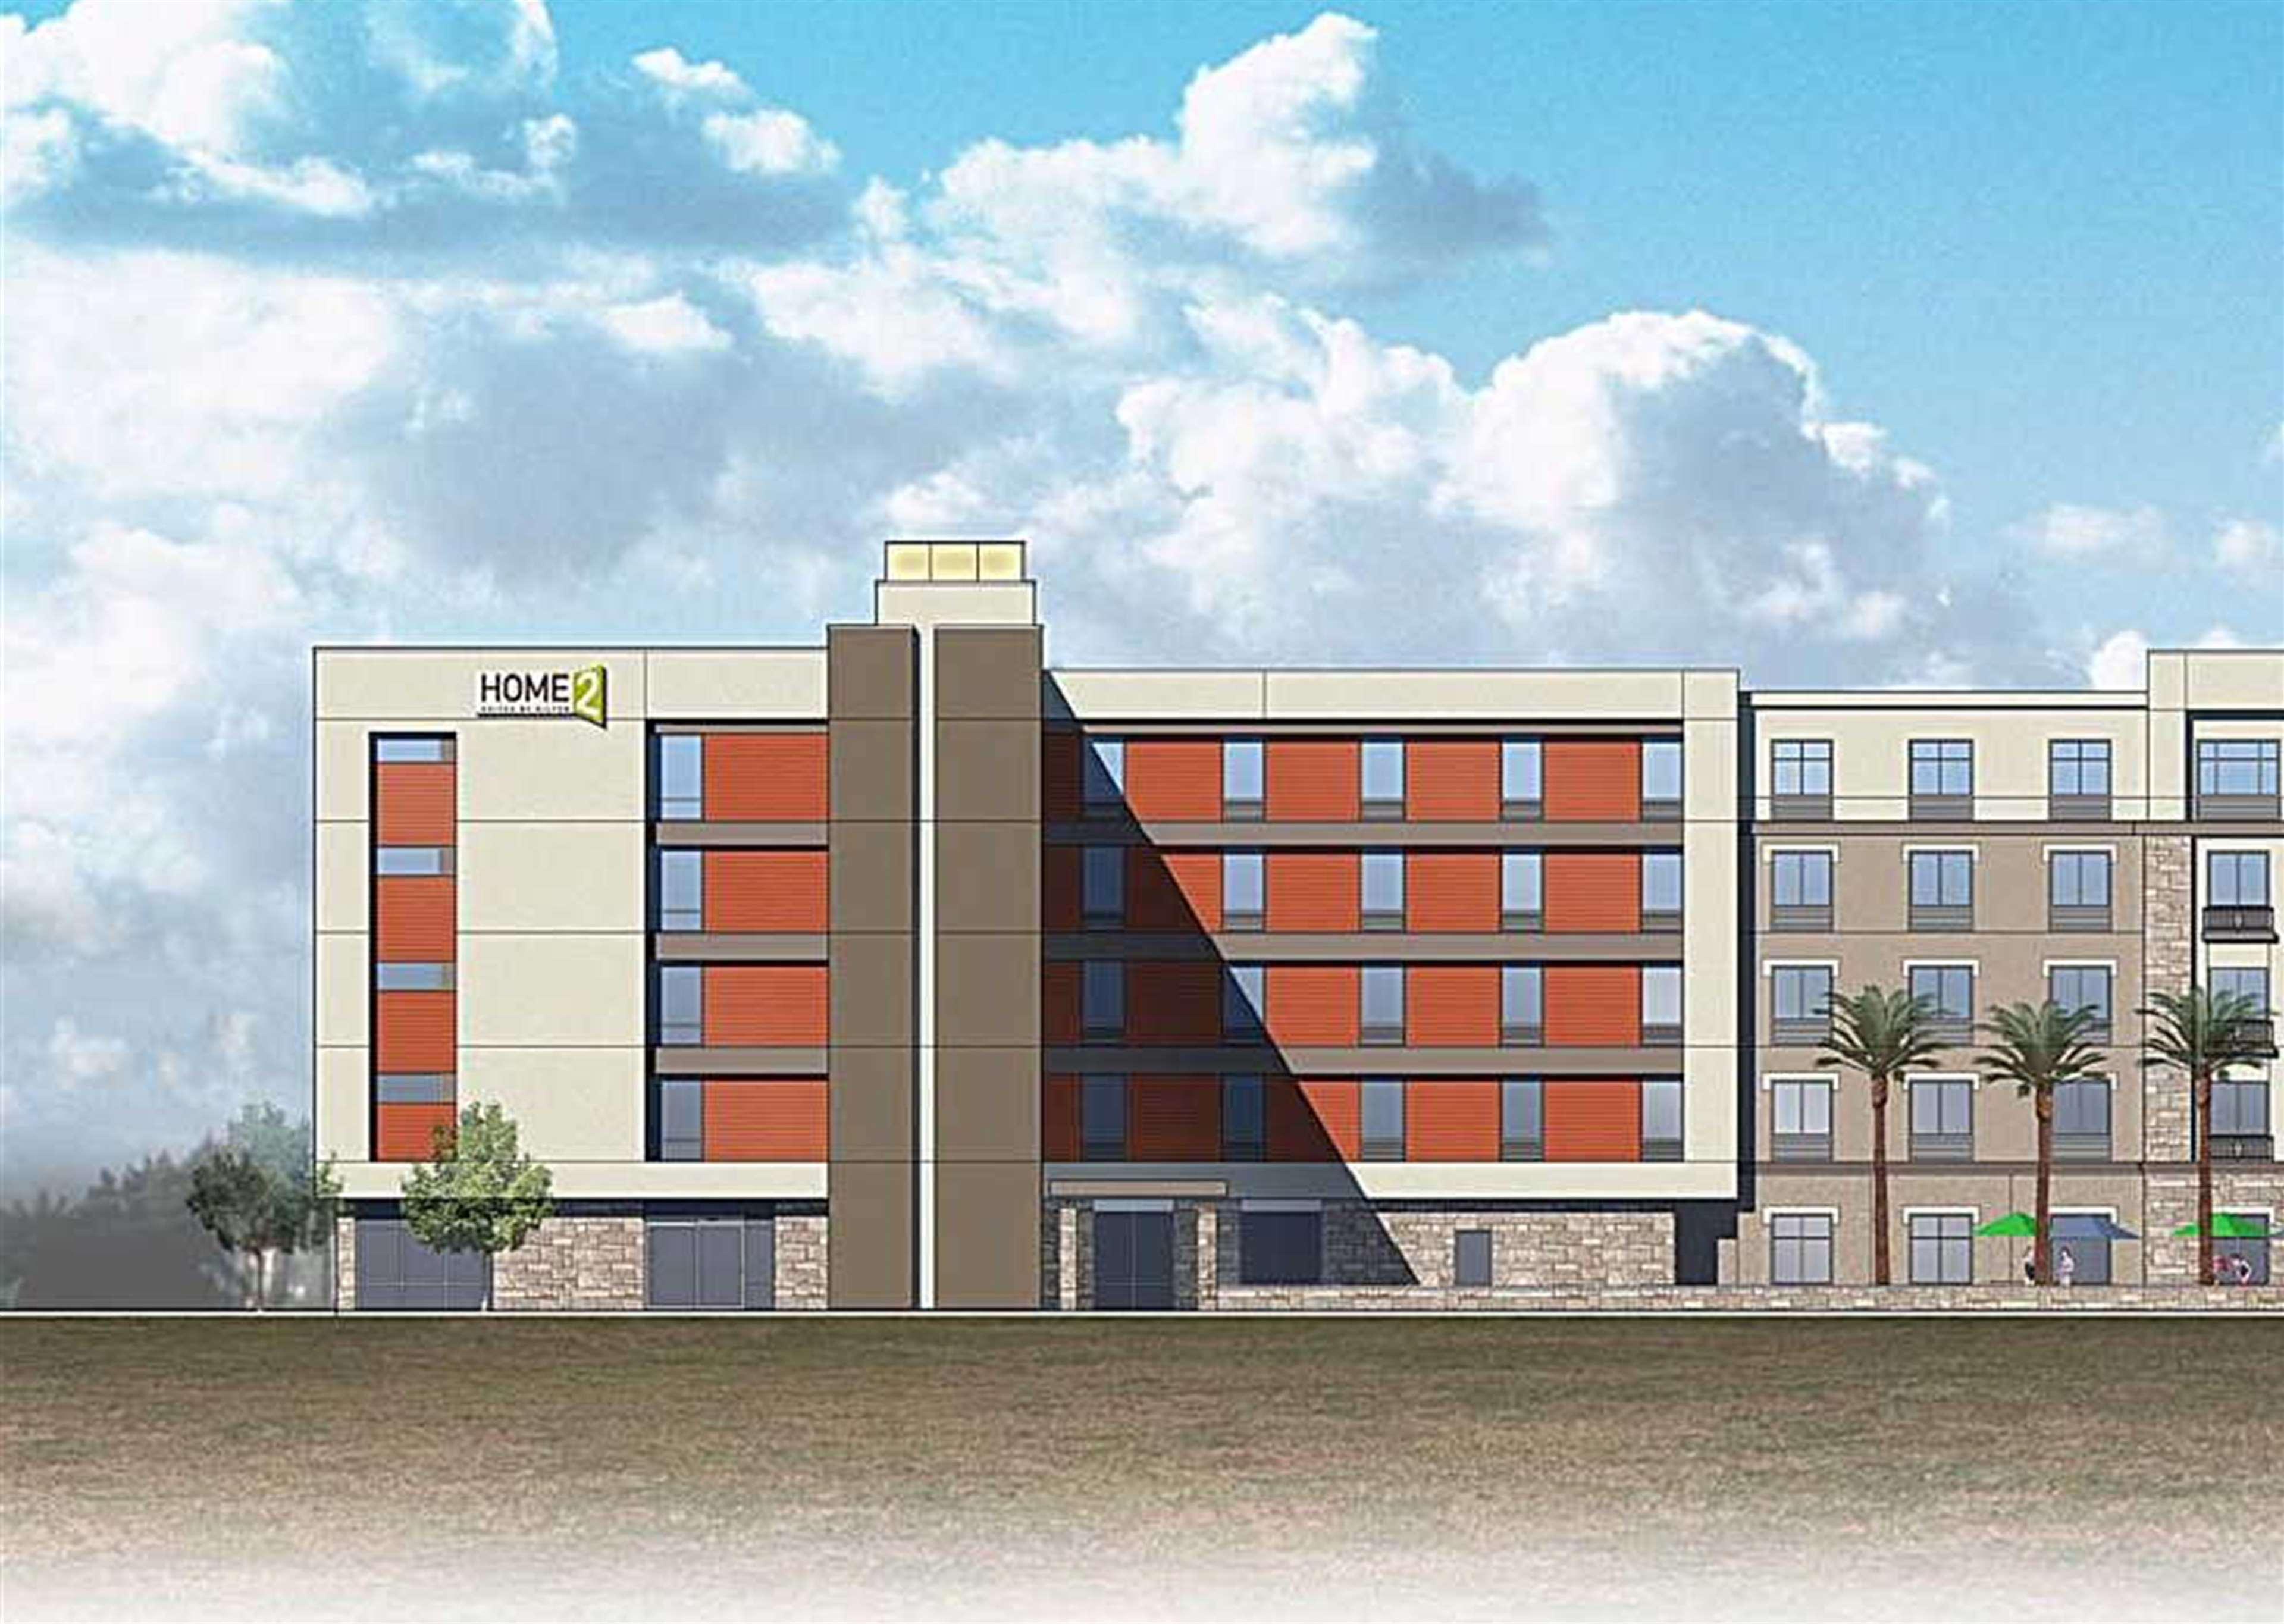 Home2 Suites by Hilton Phoenix-Tempe ASU Research Park image 2